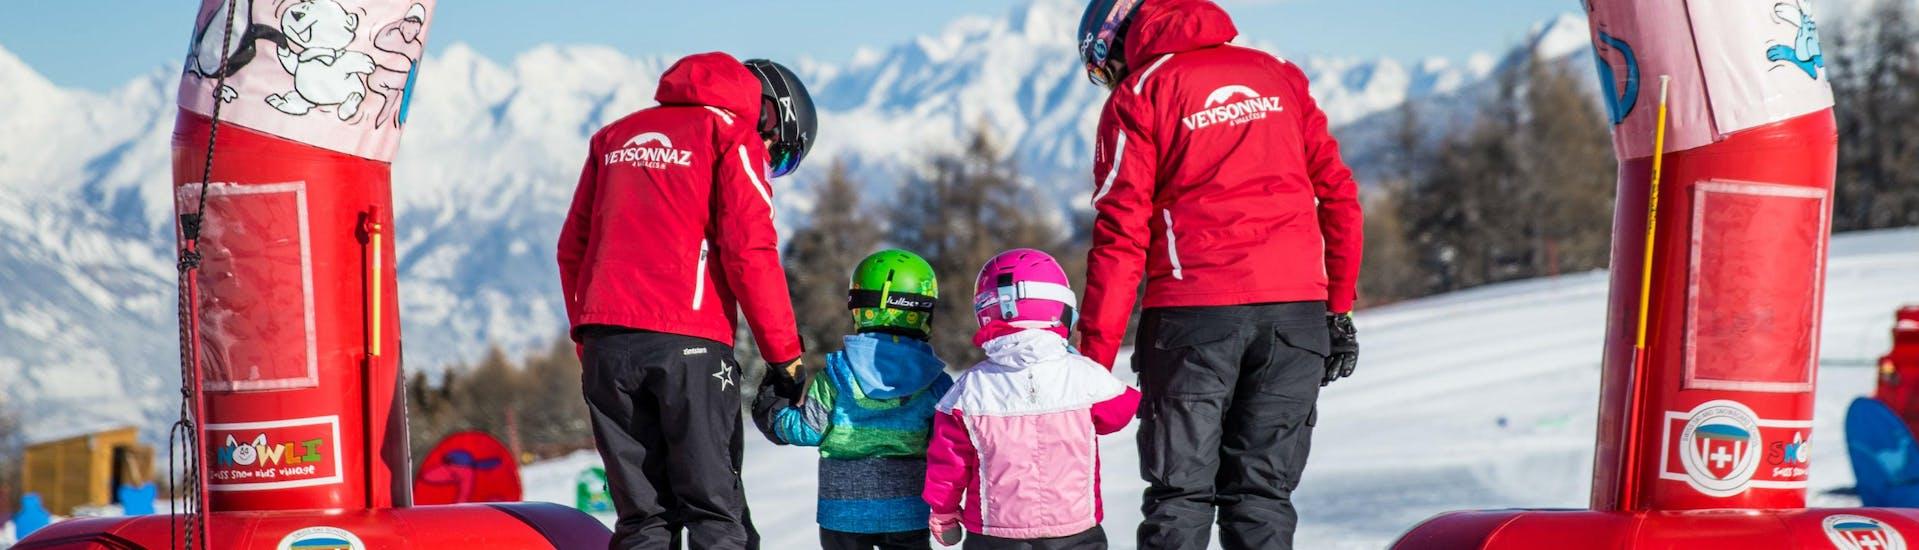 Cours de ski Enfants (3-5 ans) - Demi-journée avec École Suisse de Ski de Veysonnaz - Hero image